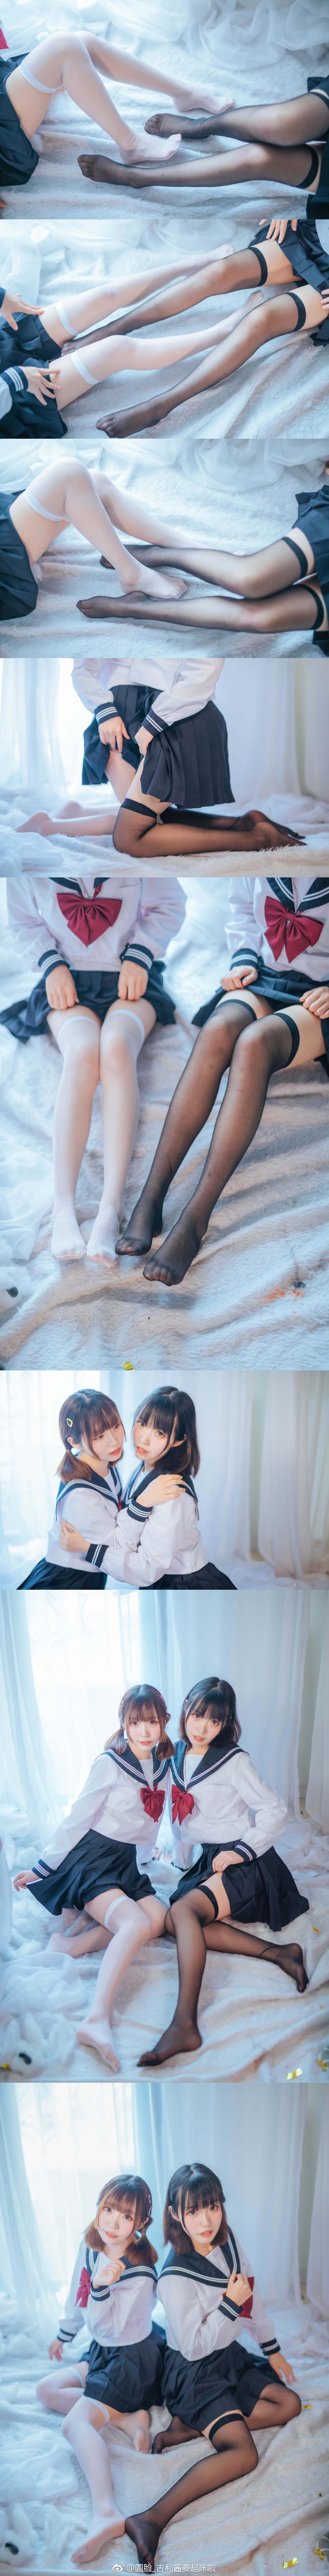 双子姐妹的制服福利,黑丝白丝任君选择(9P)